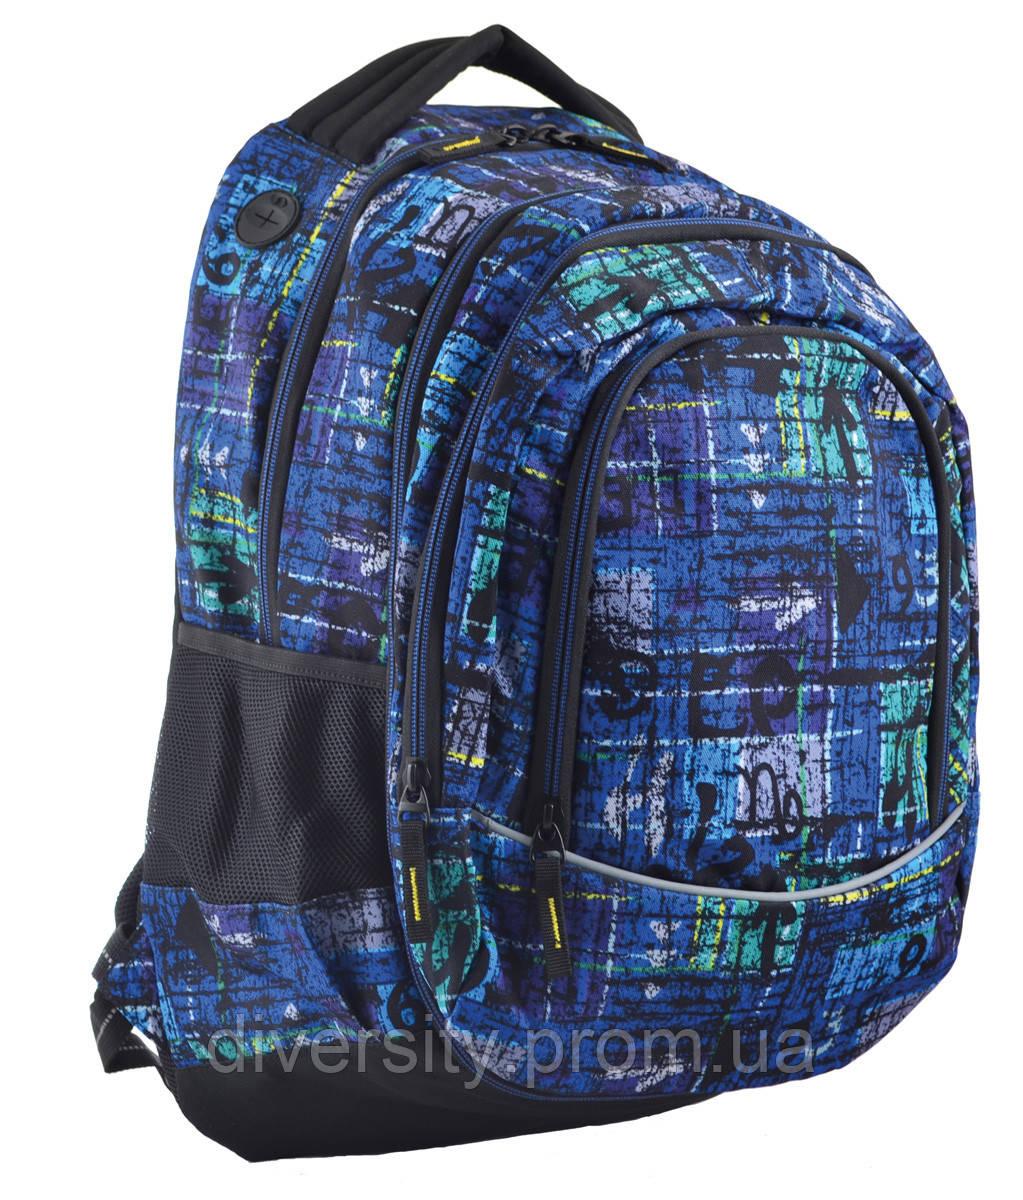 Молодежный рюкзак YES  2в1 Т-40 Way, 49*32*15.5